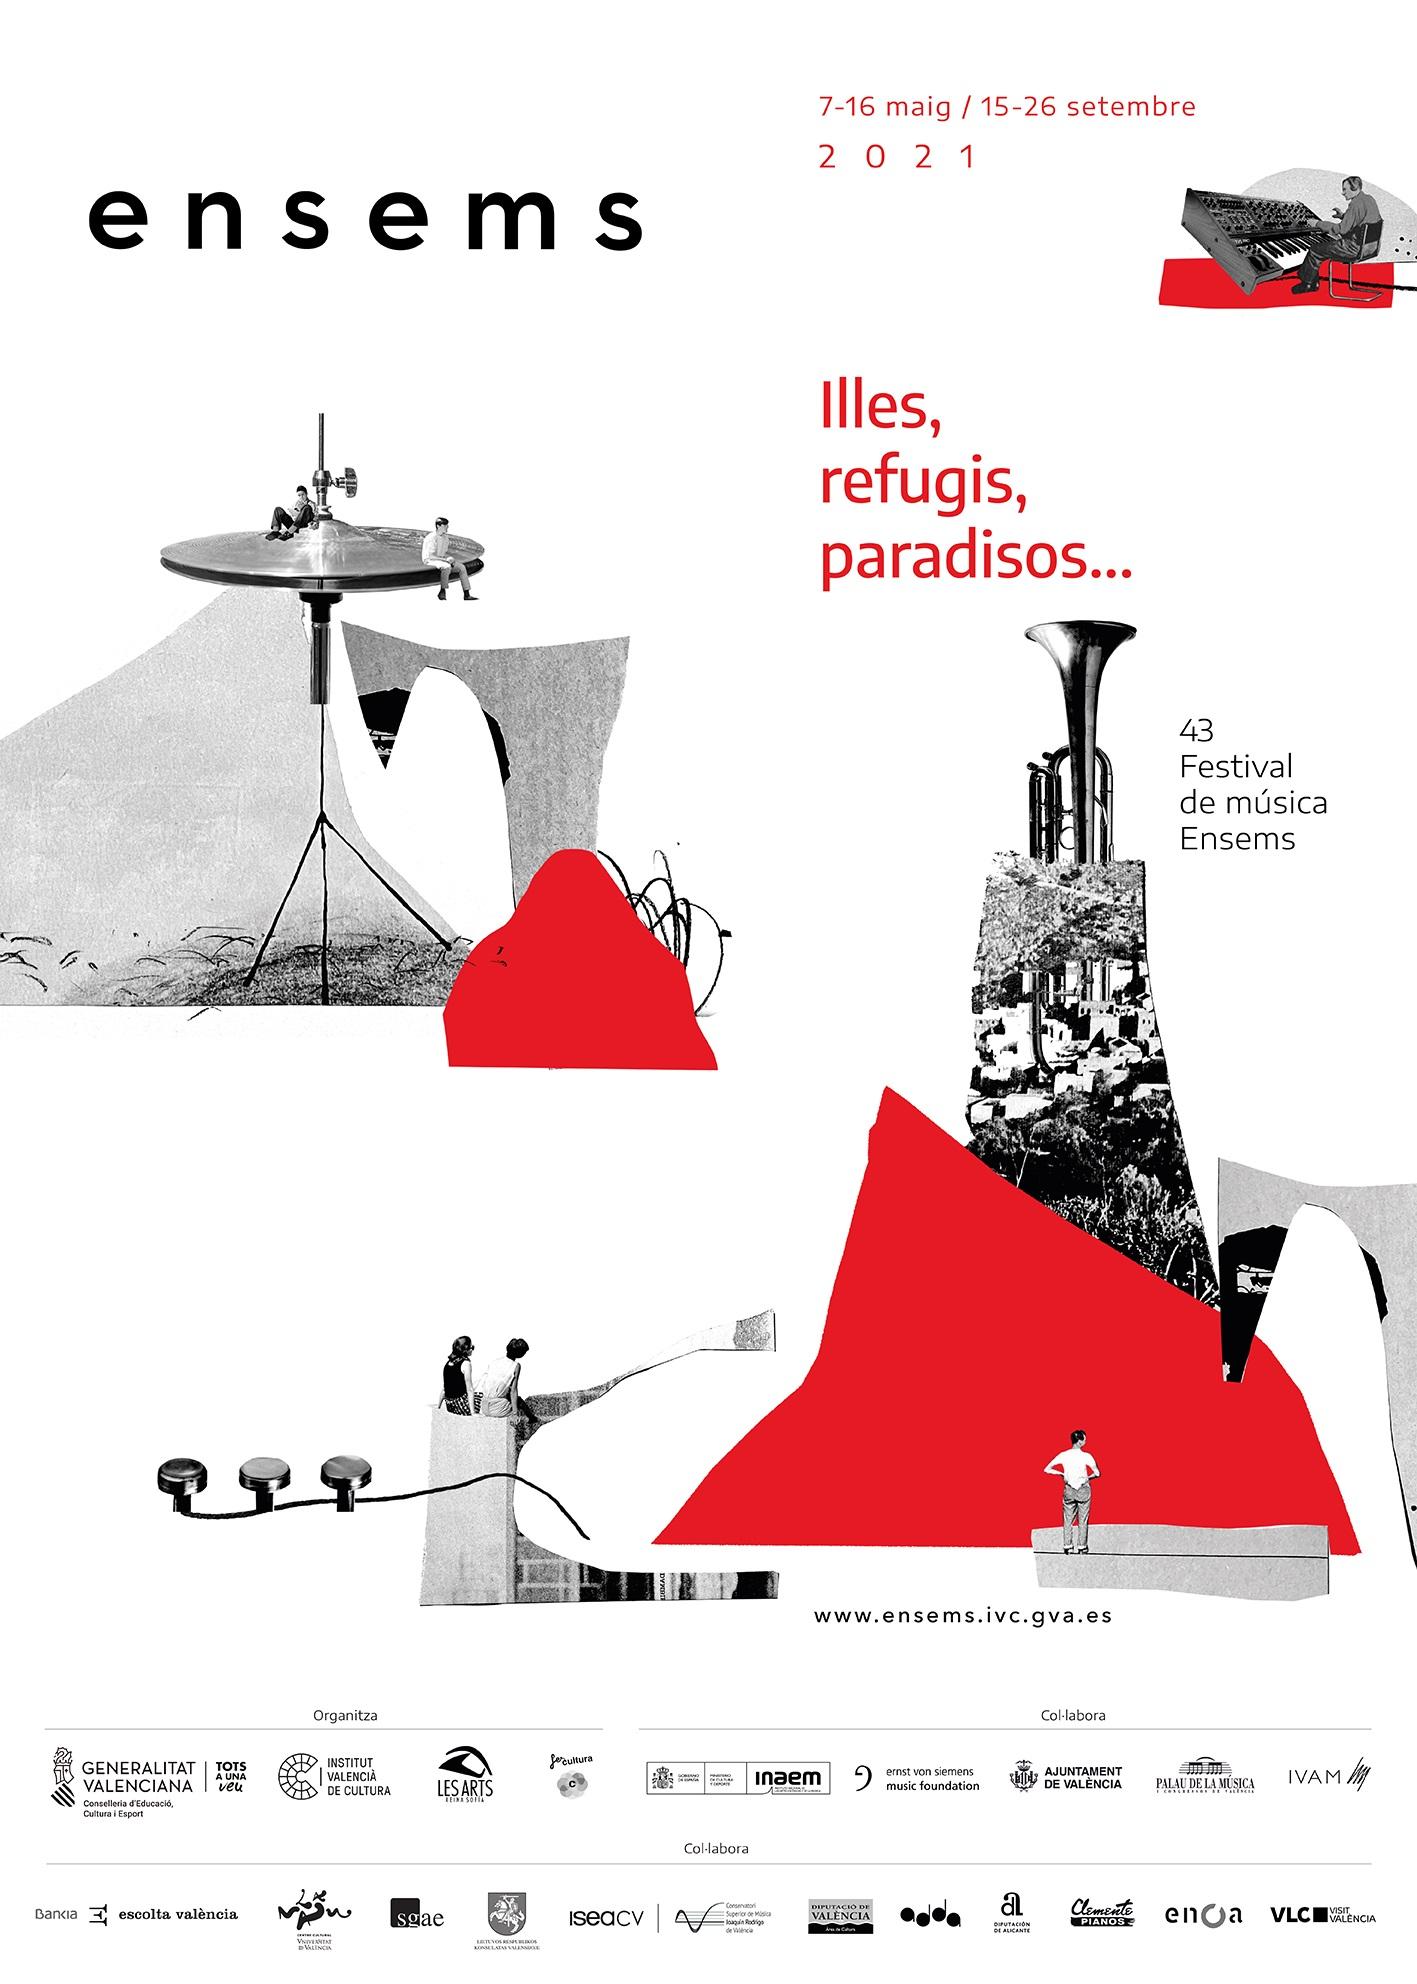 El festival Ensems programará una docena de espectáculos con protagonismo valenciano